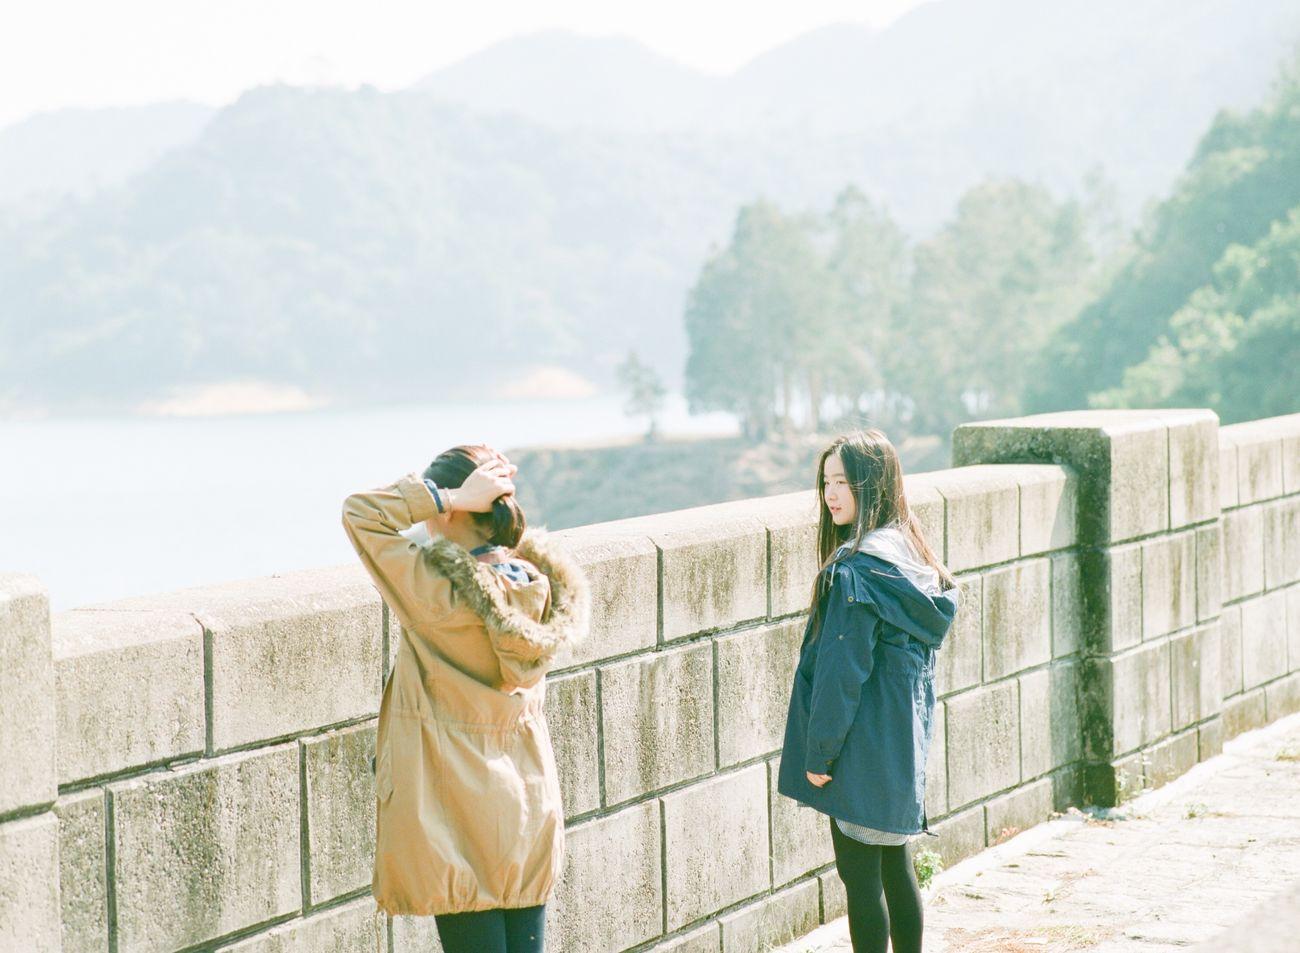 Film Portraits Mamiya 645AFD Fujifilm Pro400 Girl